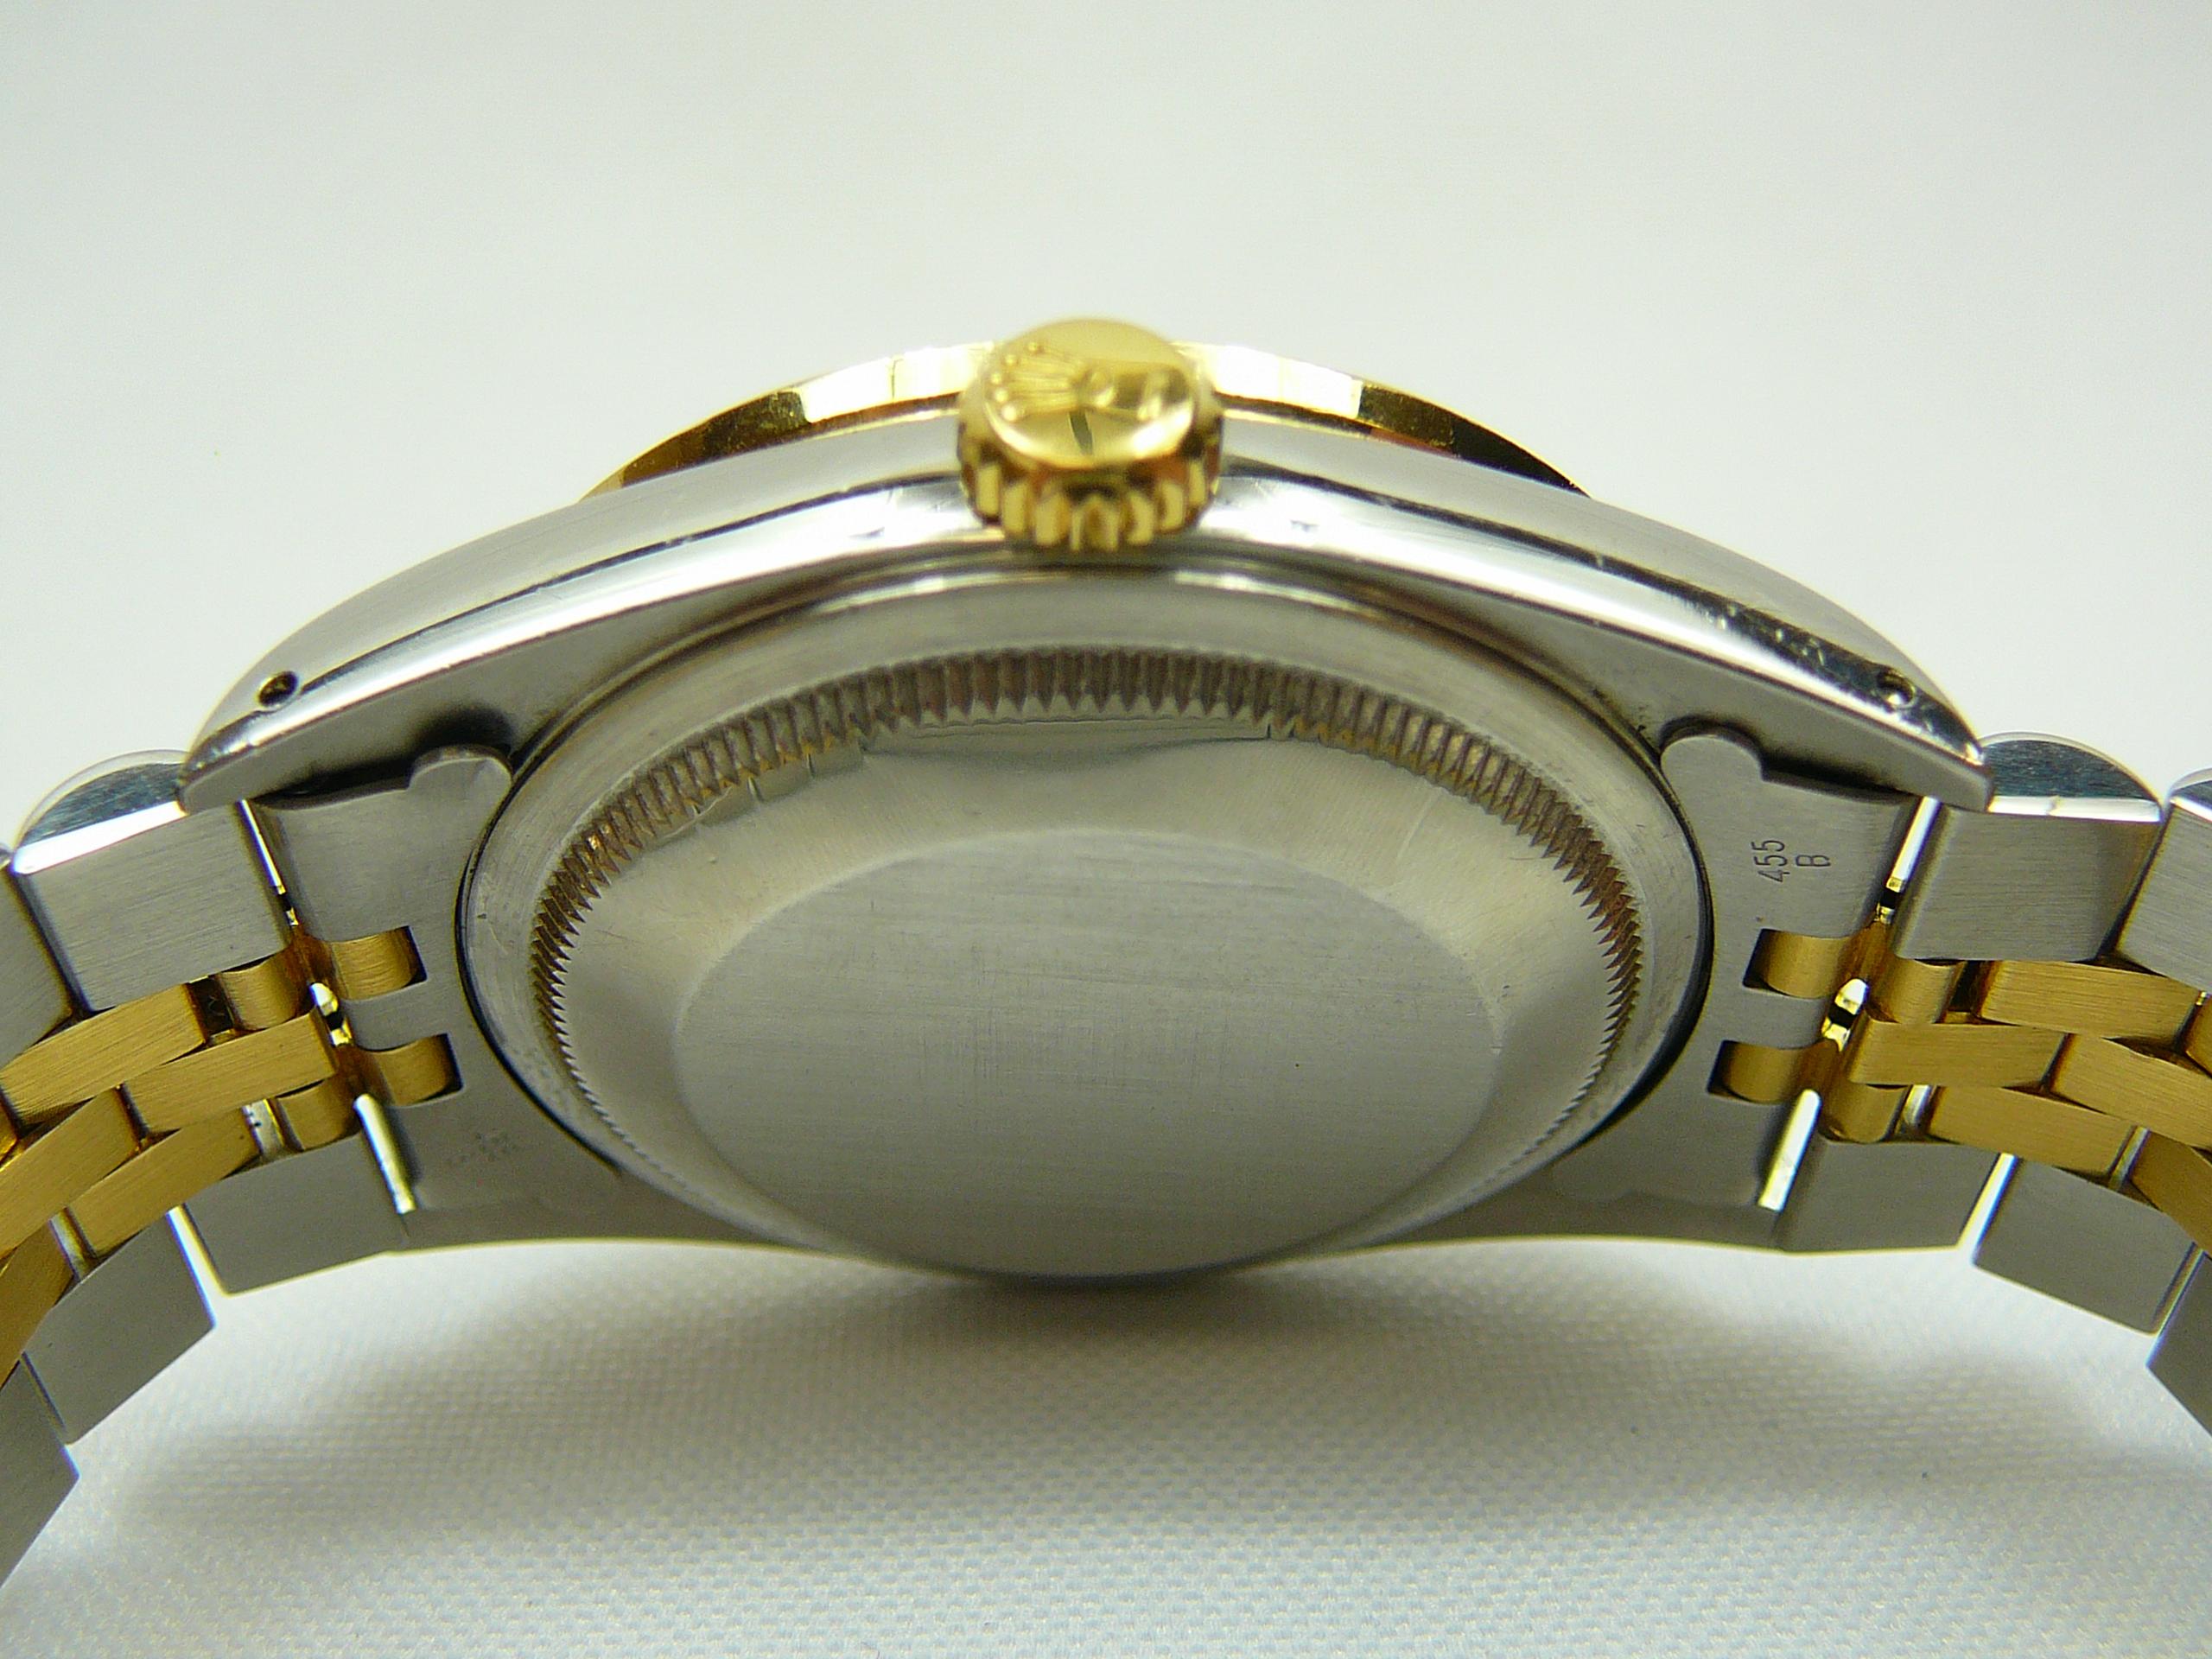 Gents Rolex Wrist Watch - Image 6 of 7